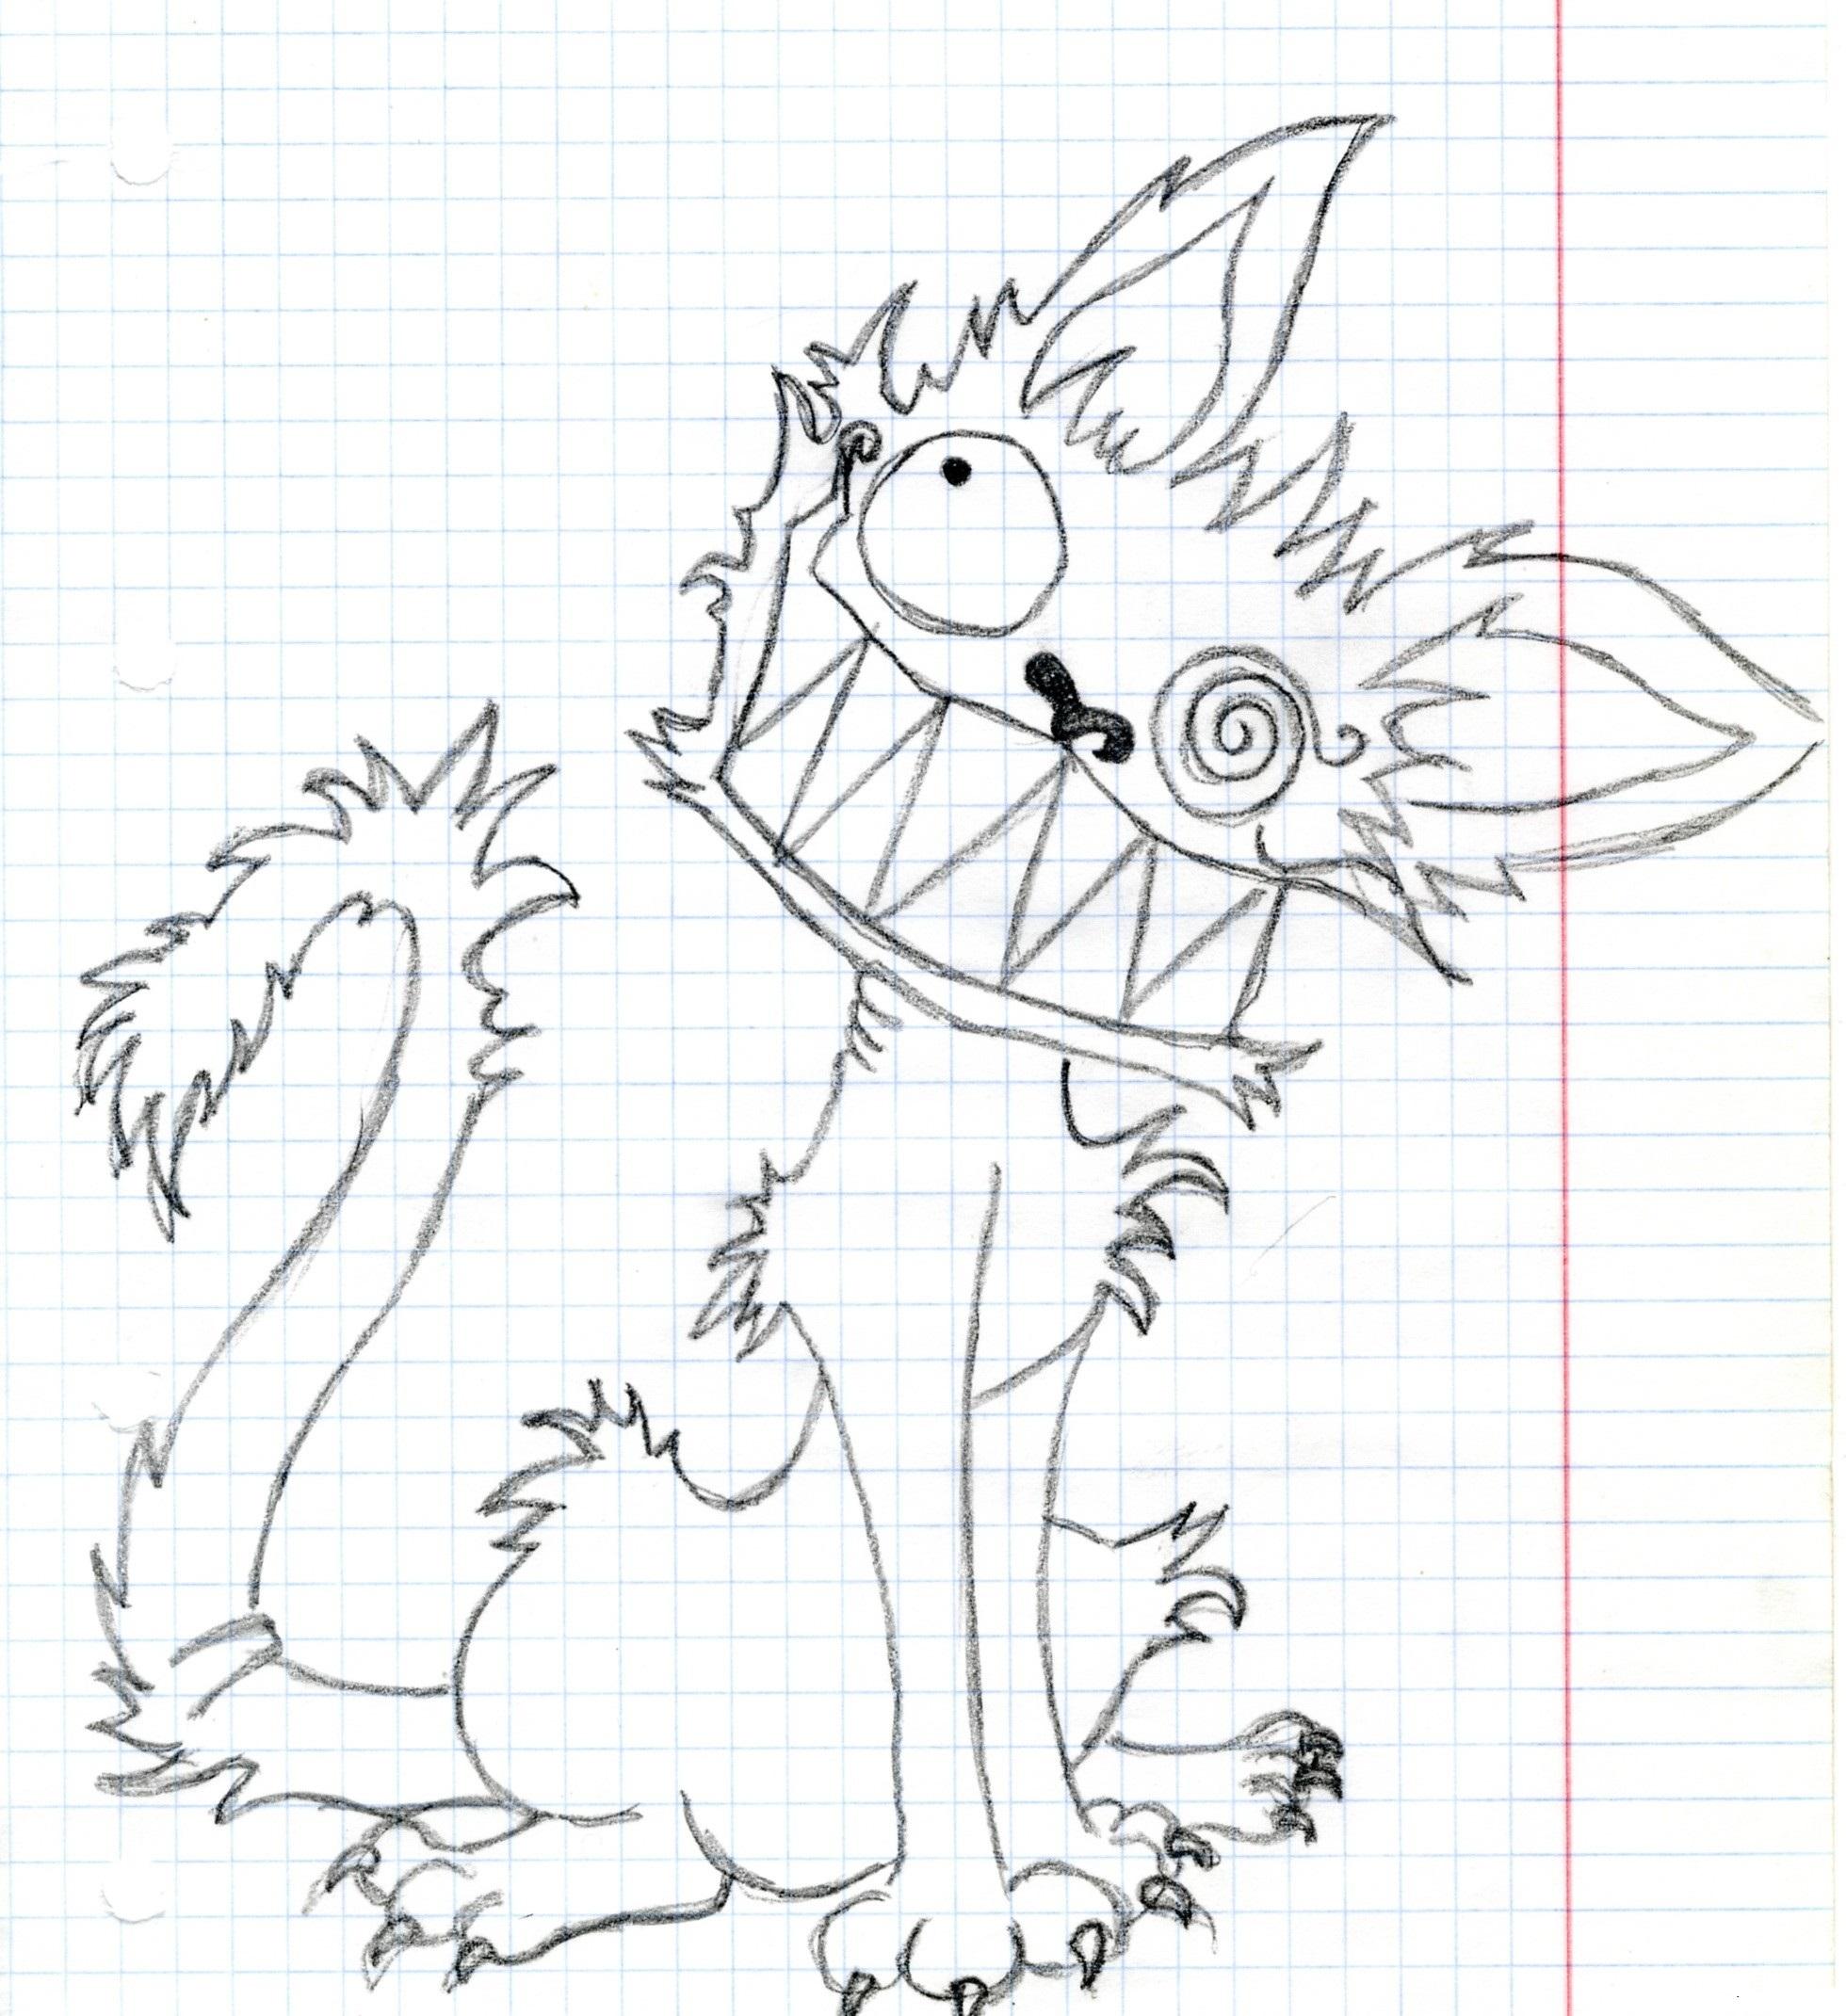 Как рисовать карандашом прикольную картинку